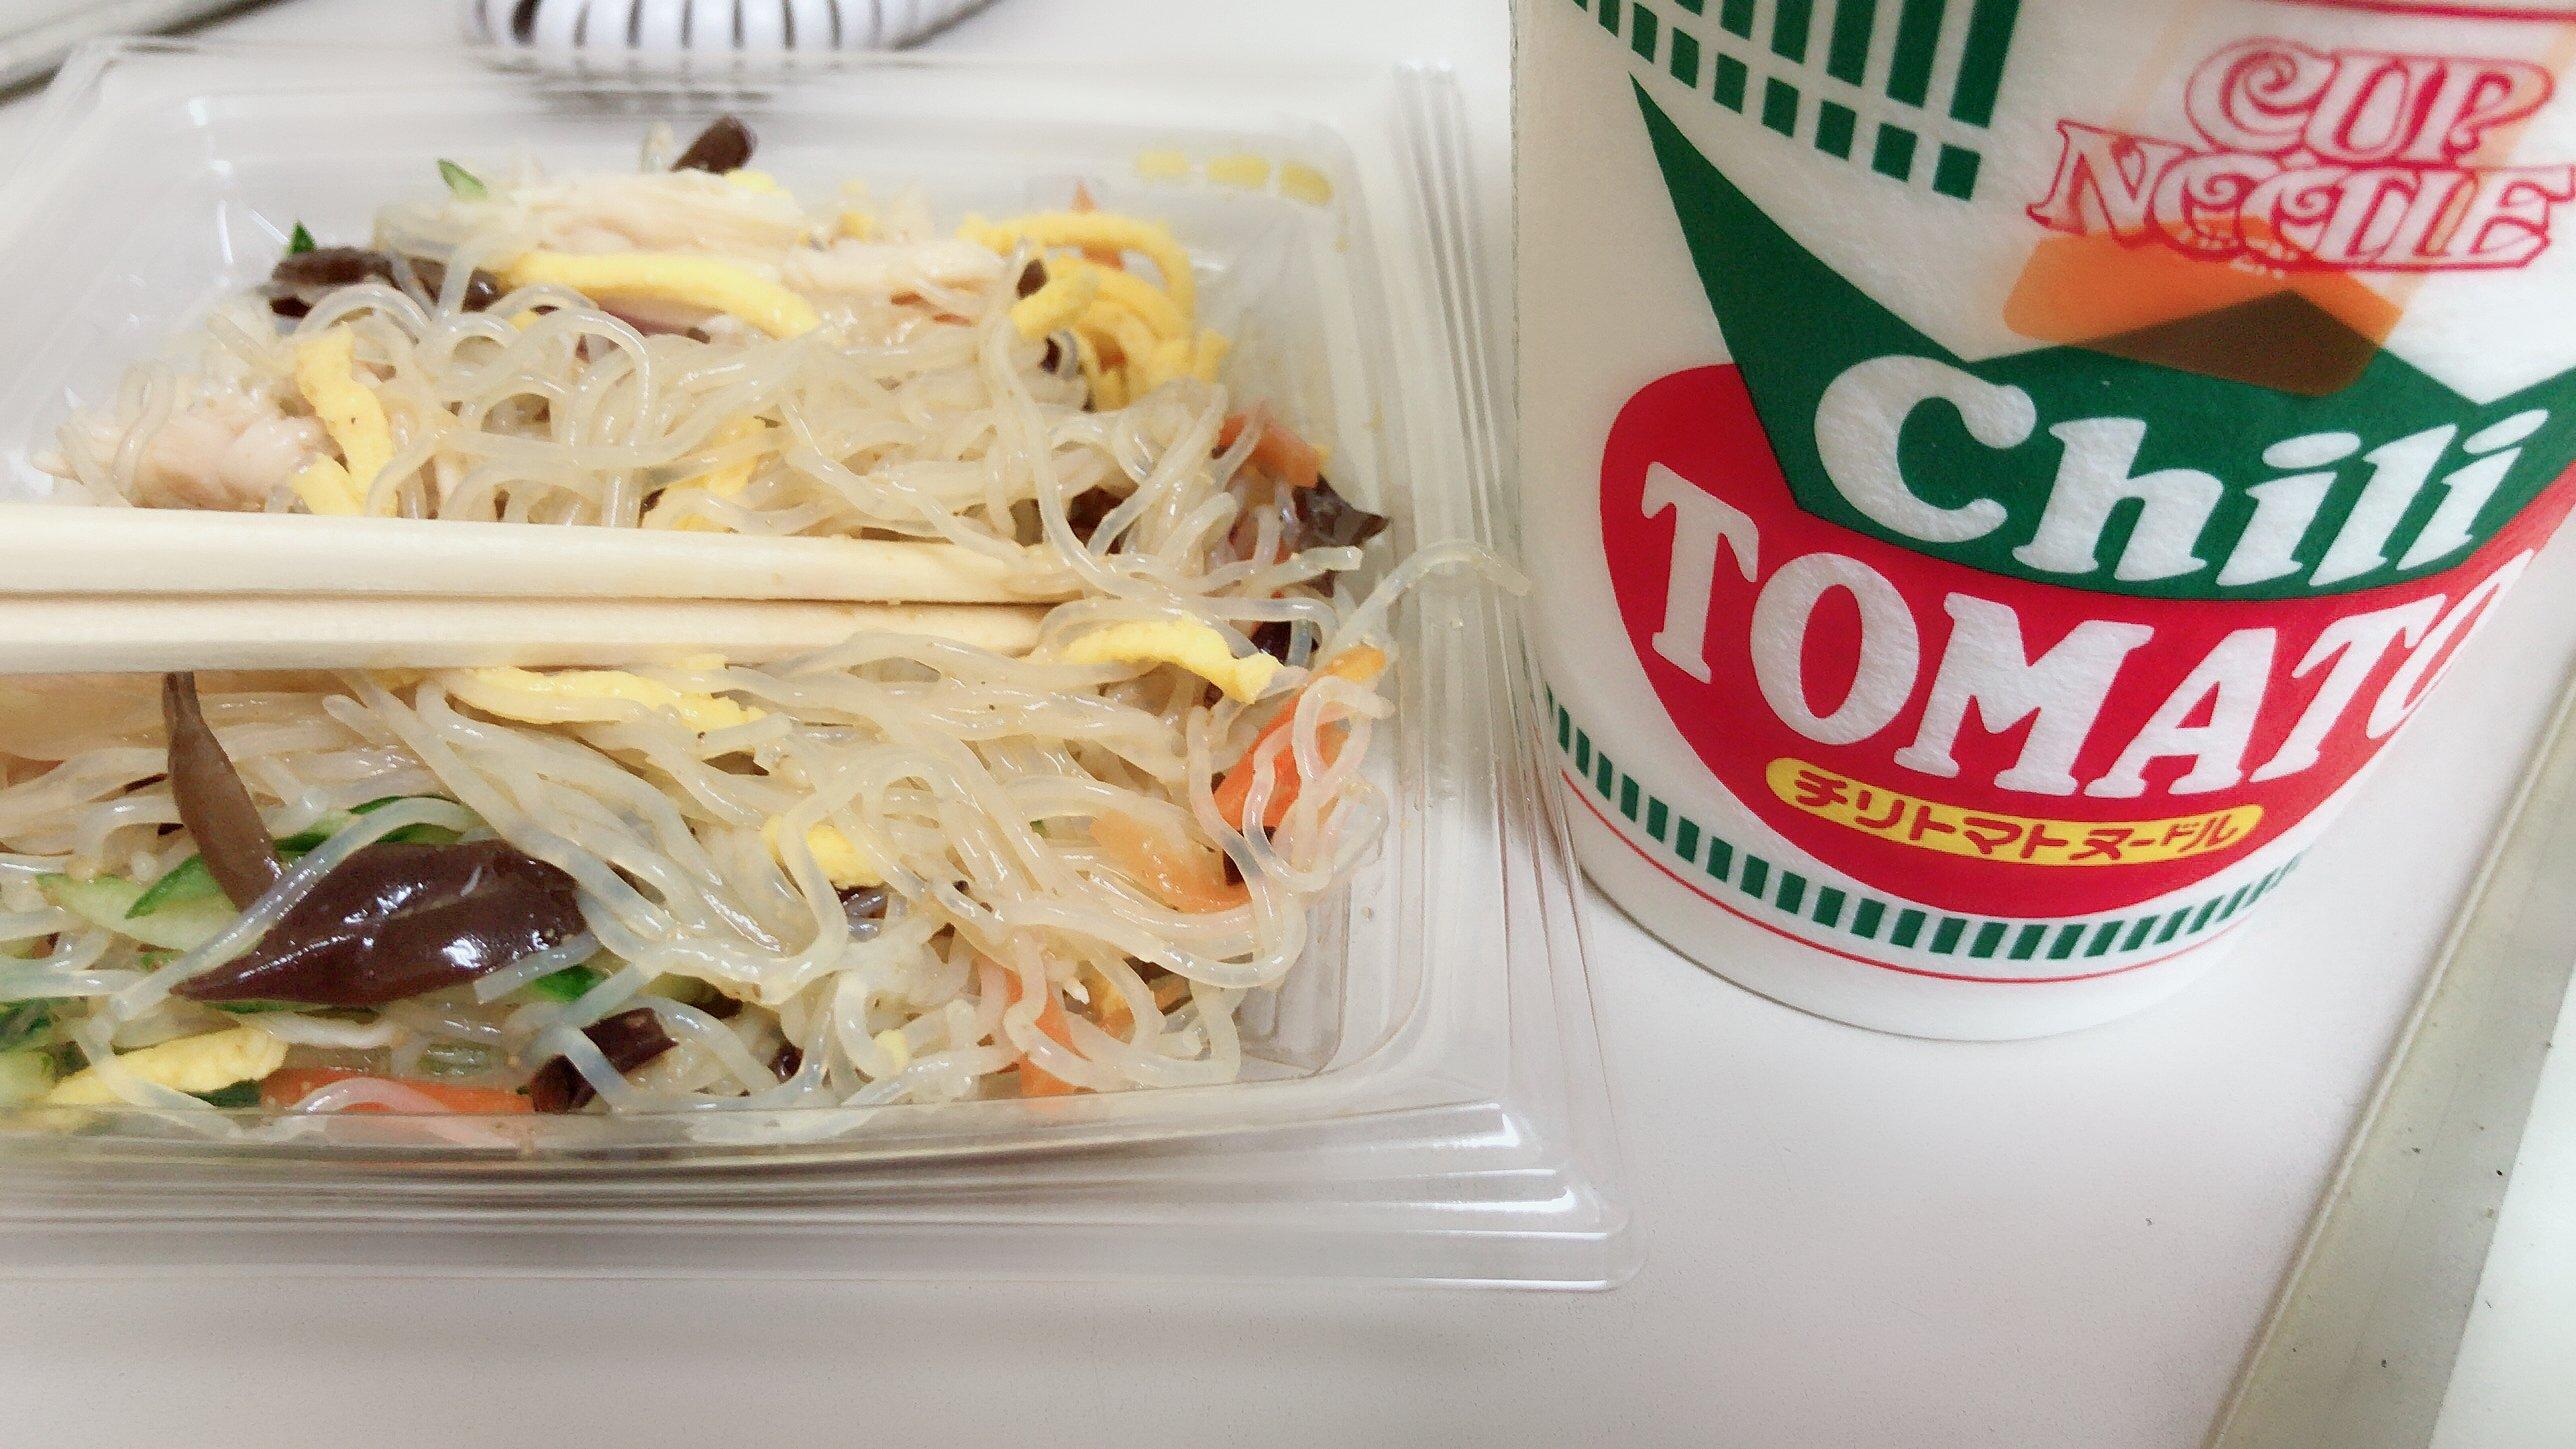 お昼ごはんは春雨サラダとチリトマトヌードル(^∇^)カップ麺…